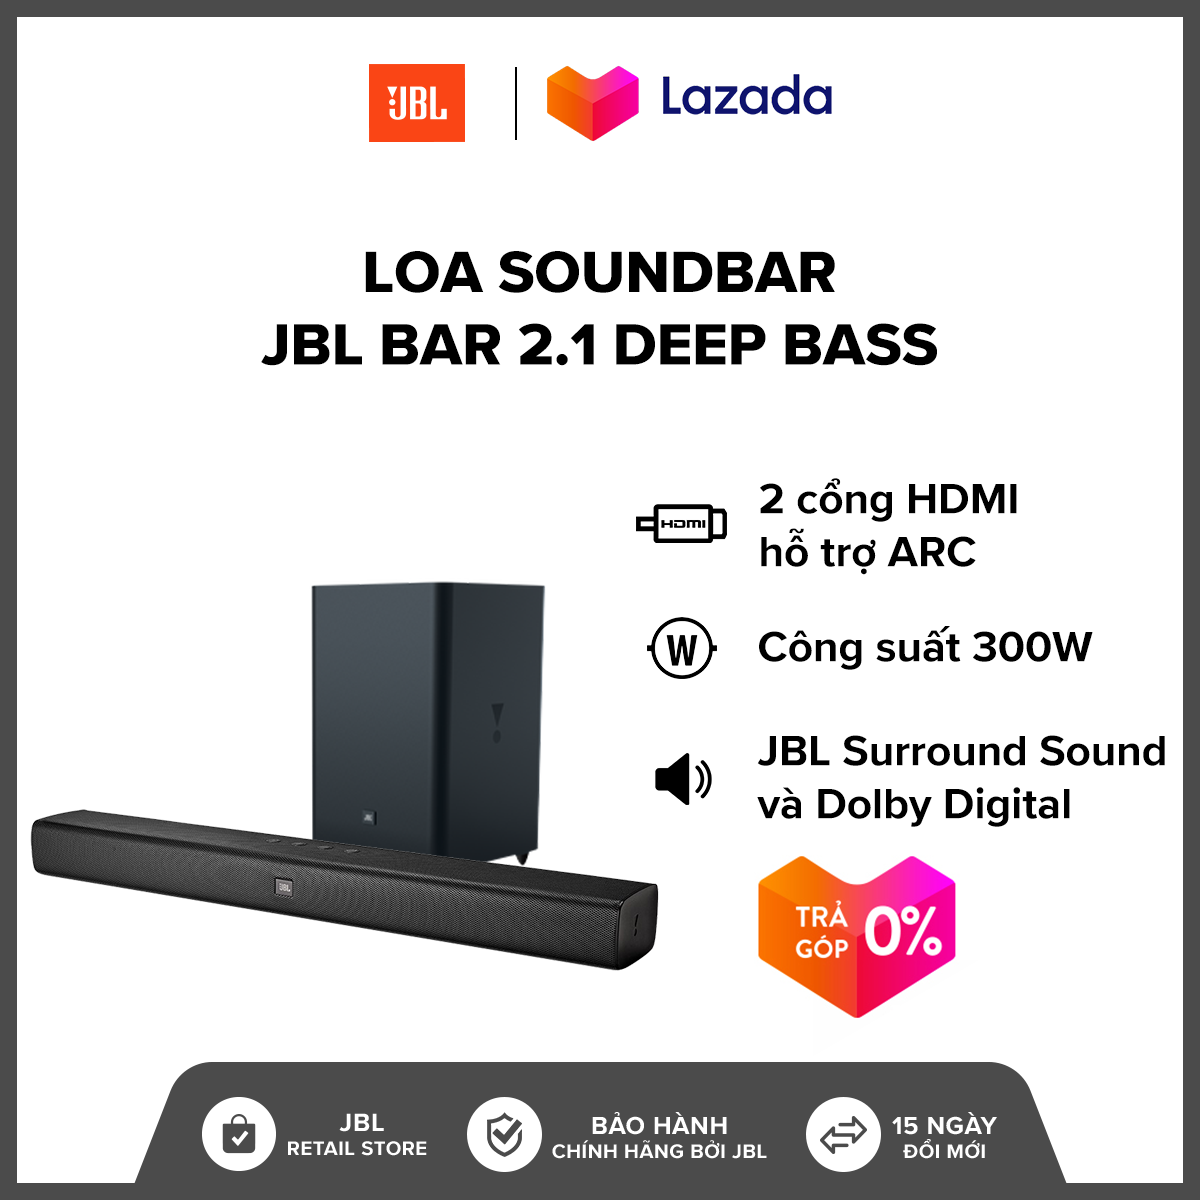 [TRẢ GÓP 0%] Loa Soundbar JBL Bar 2.1 Deep Bass l Trang bị 6 củ loa l Công suất đến...